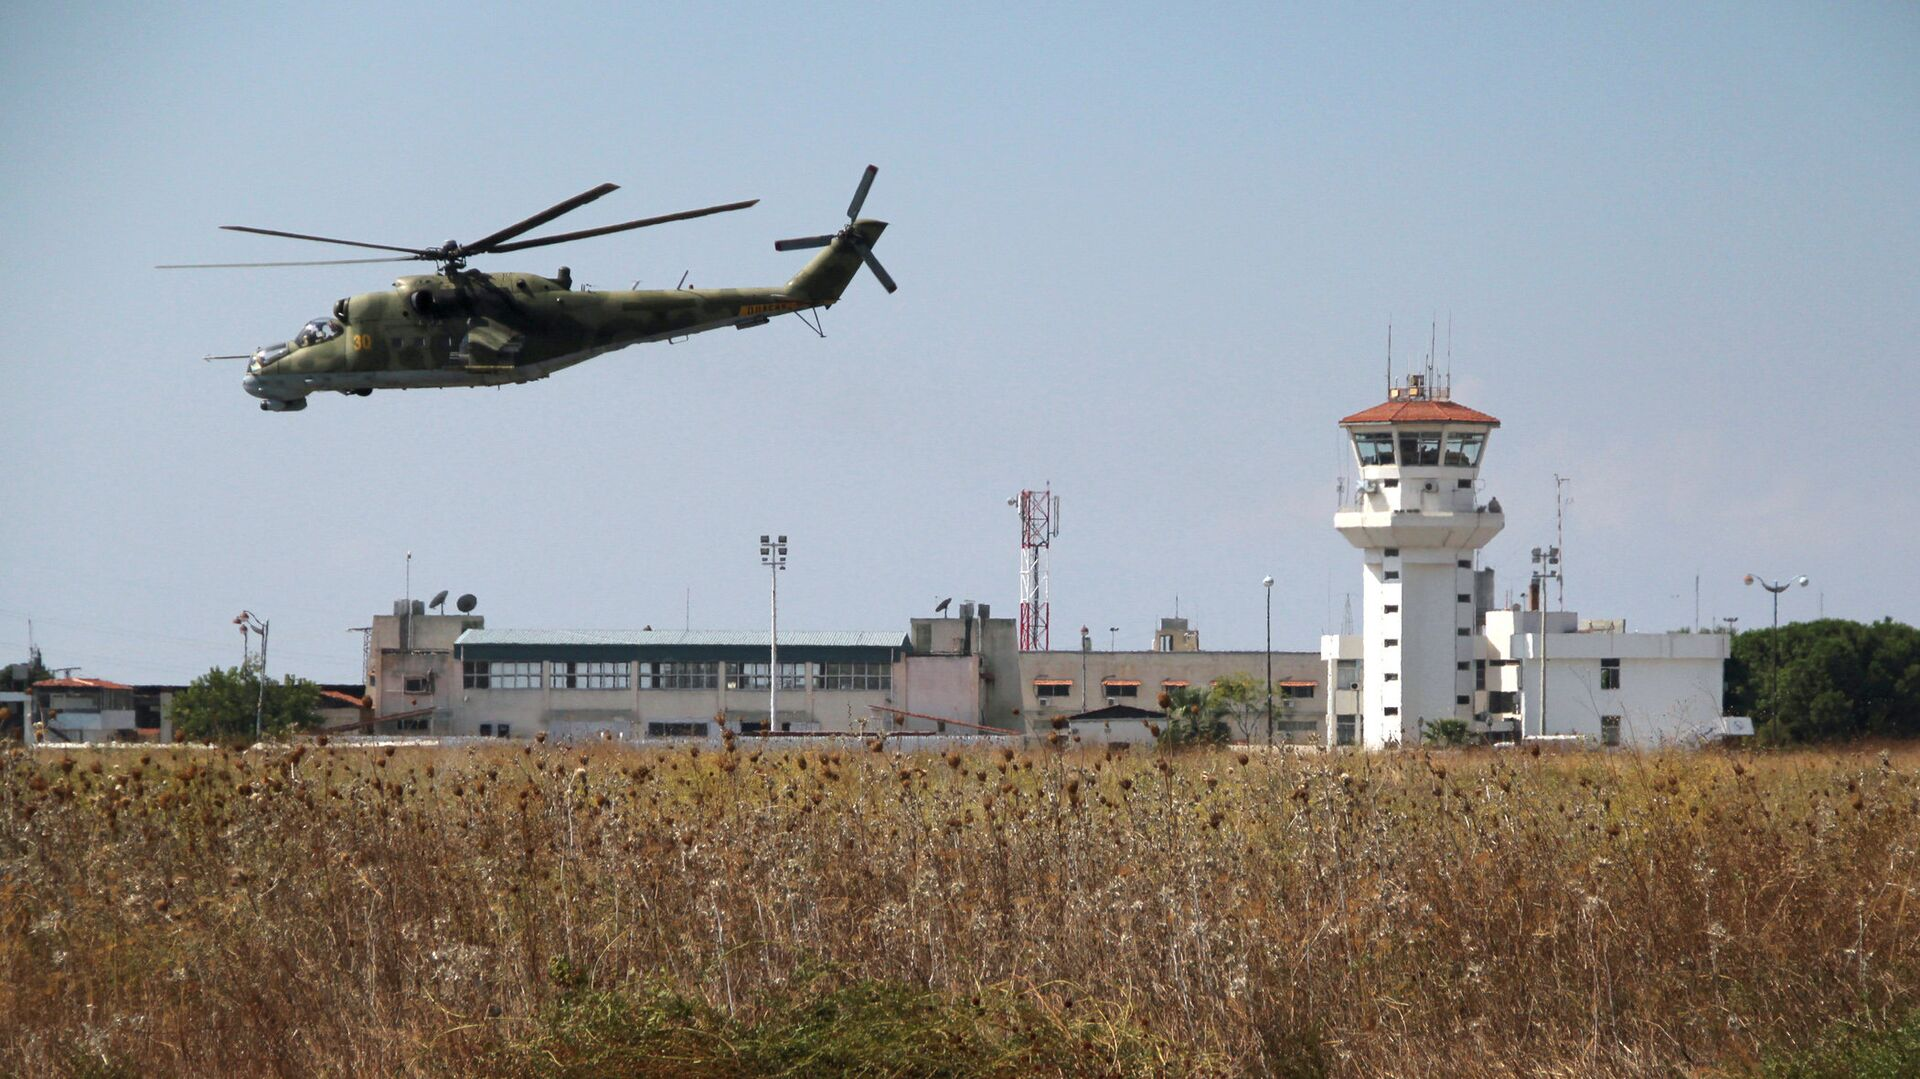 Российский вертолет Ми-24 во время облета авиабазы Хмеймим в Сирии - РИА Новости, 1920, 12.06.2021